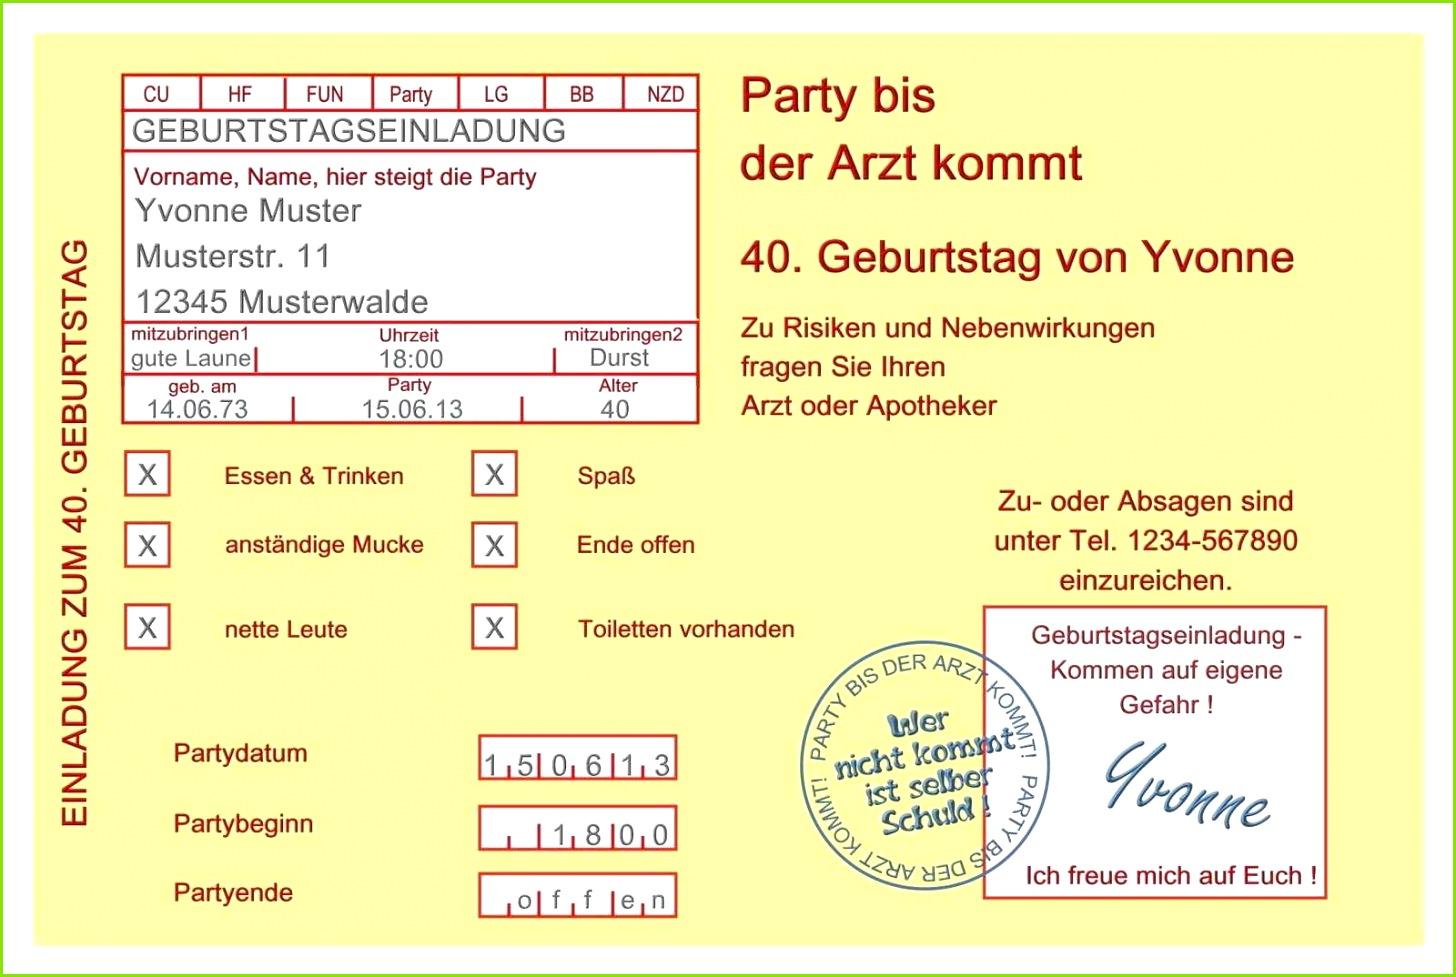 Einladung 50 Geburtstag originell Einladungskarten Vorlagen Geburtstag Vorlagen Einladungen 0d Rezept Vorlage – Familiengottes nst Weihnachten Vorlagen